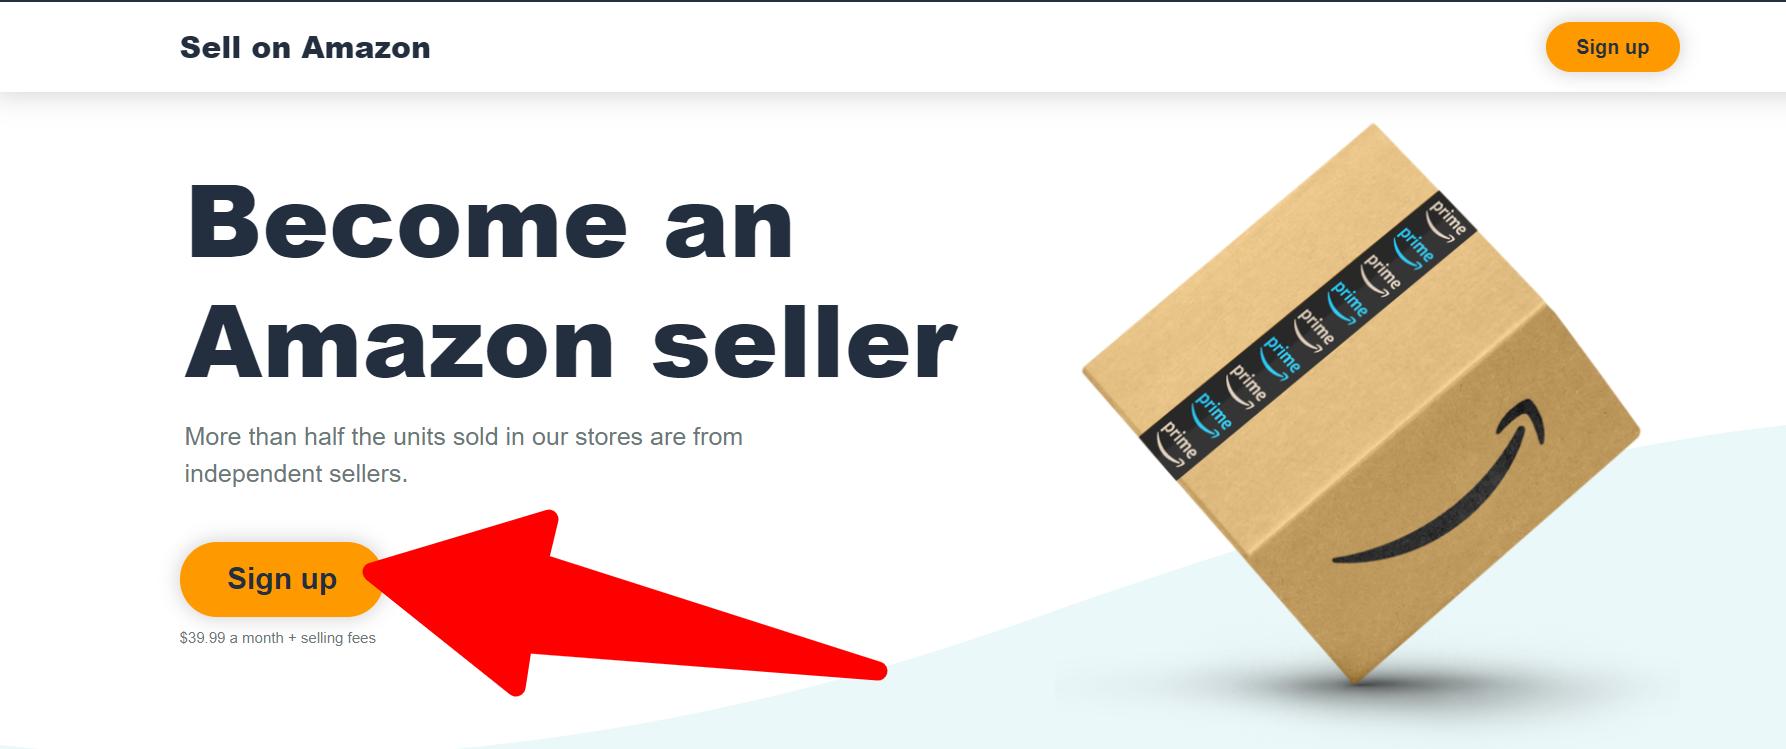 Amazon_ Sell